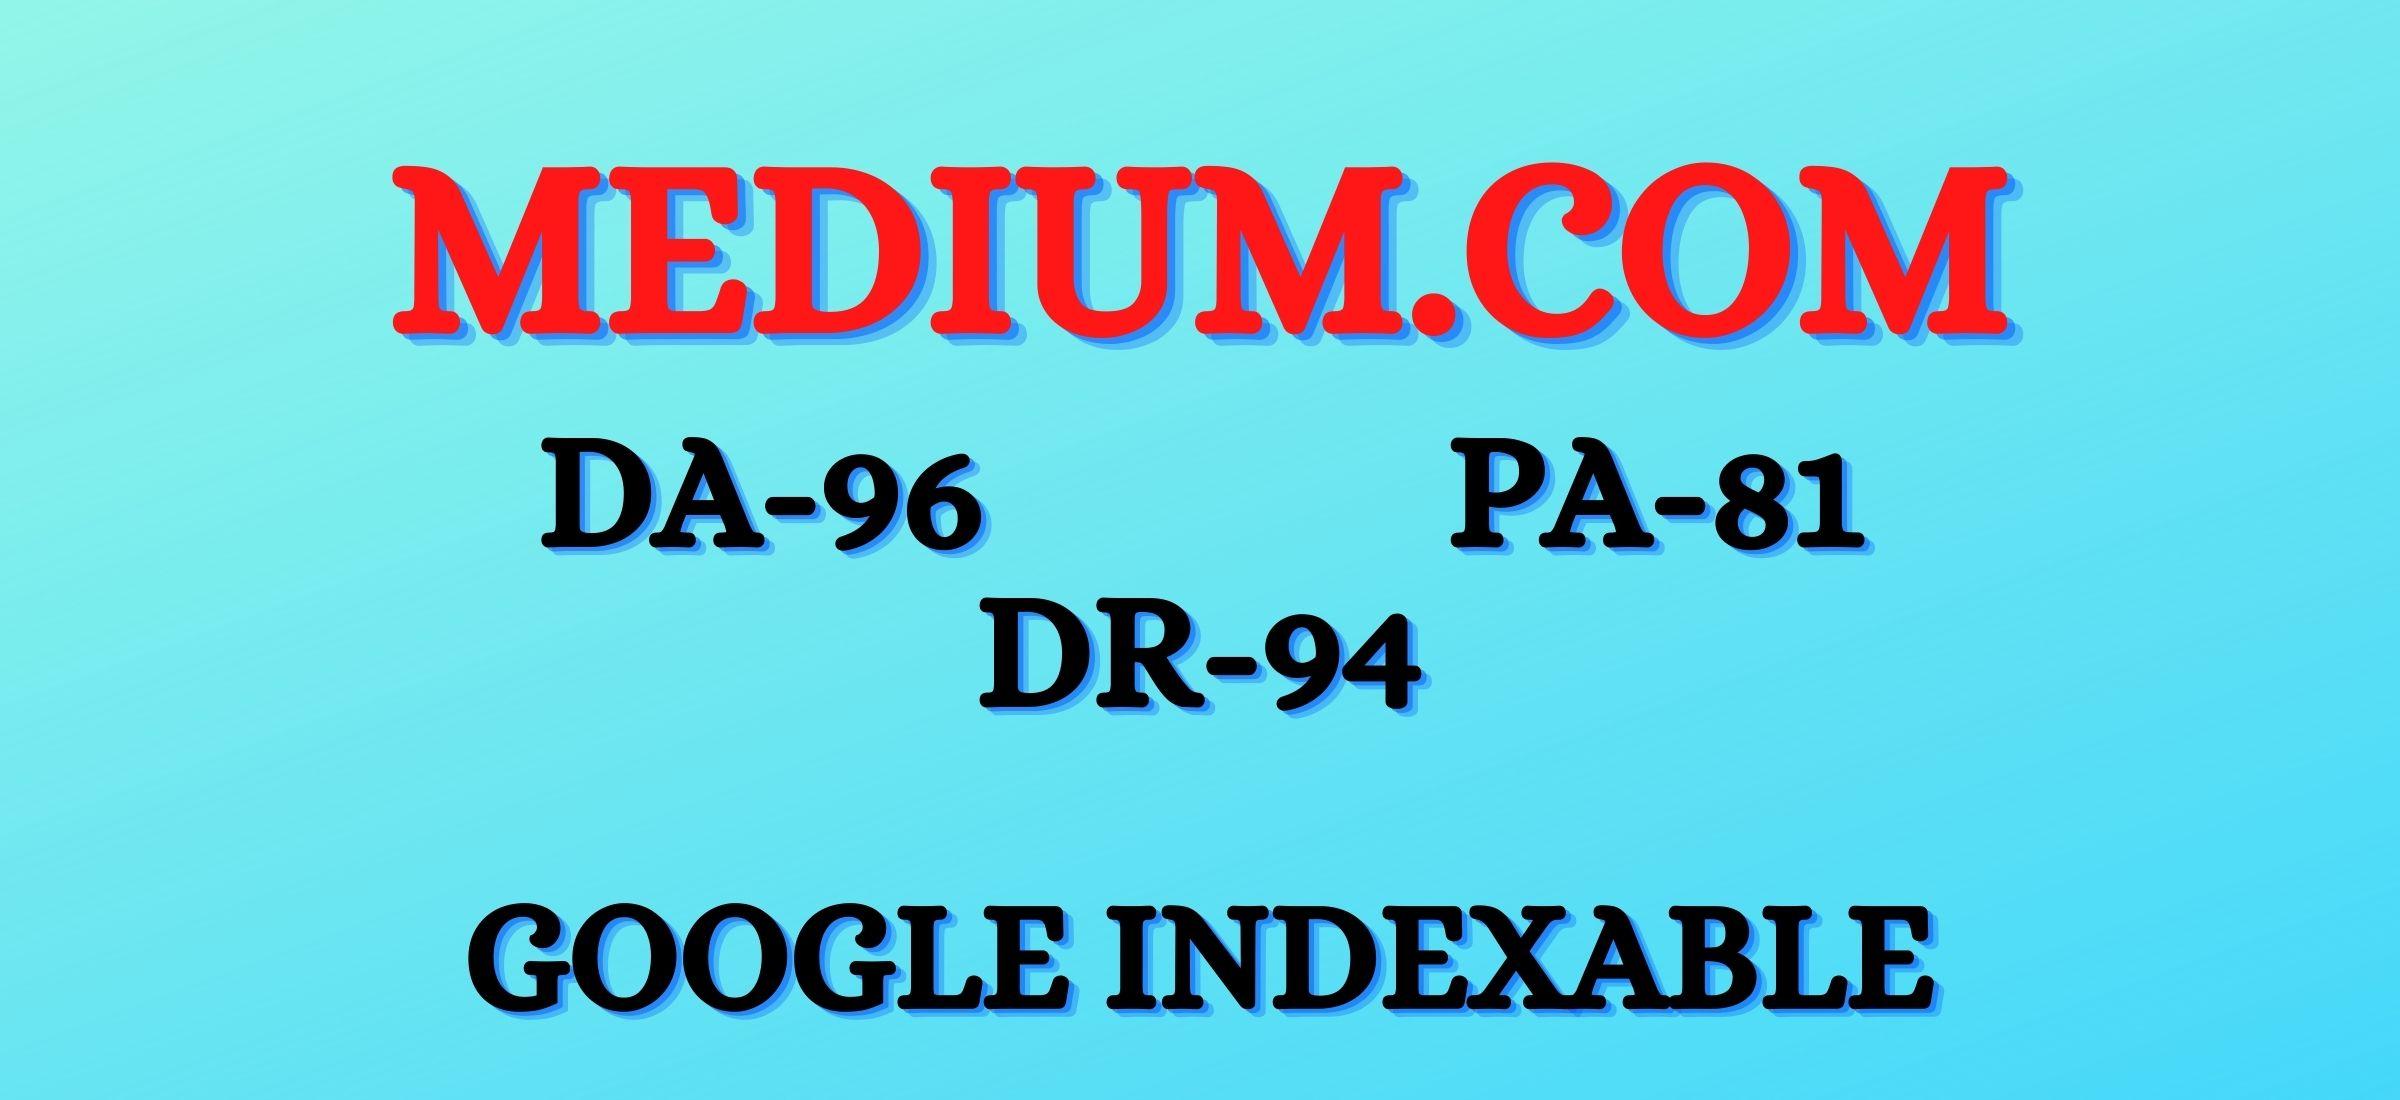 Write & publish High quality guest post backlink on Medium DA-96